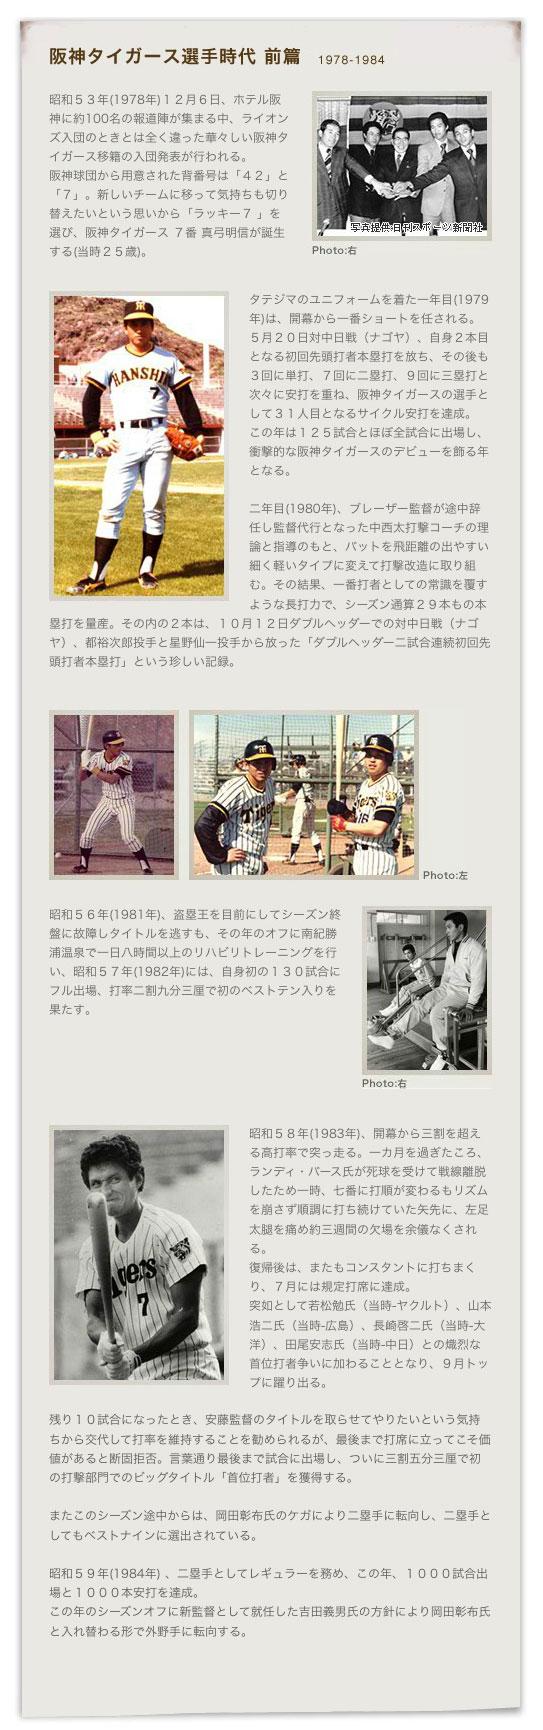 阪神タイガース選手時代(前篇)-3